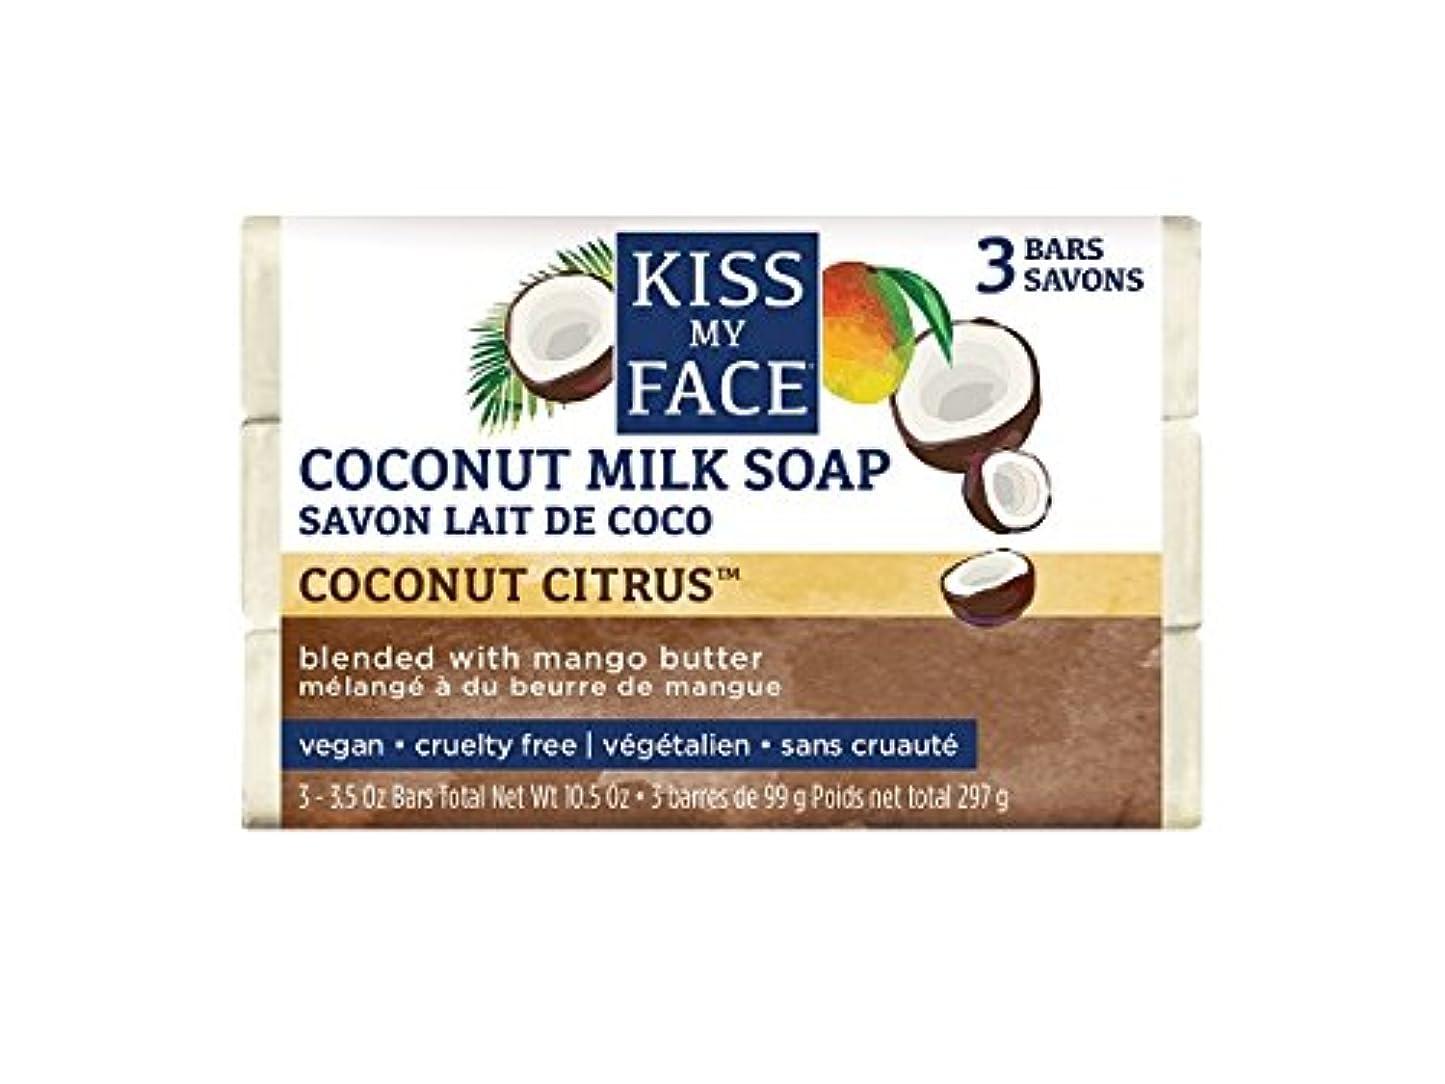 世界気怠い軌道Kiss My Face - ココナッツミルク棒石鹸 - 3パック - 10.5ポンド